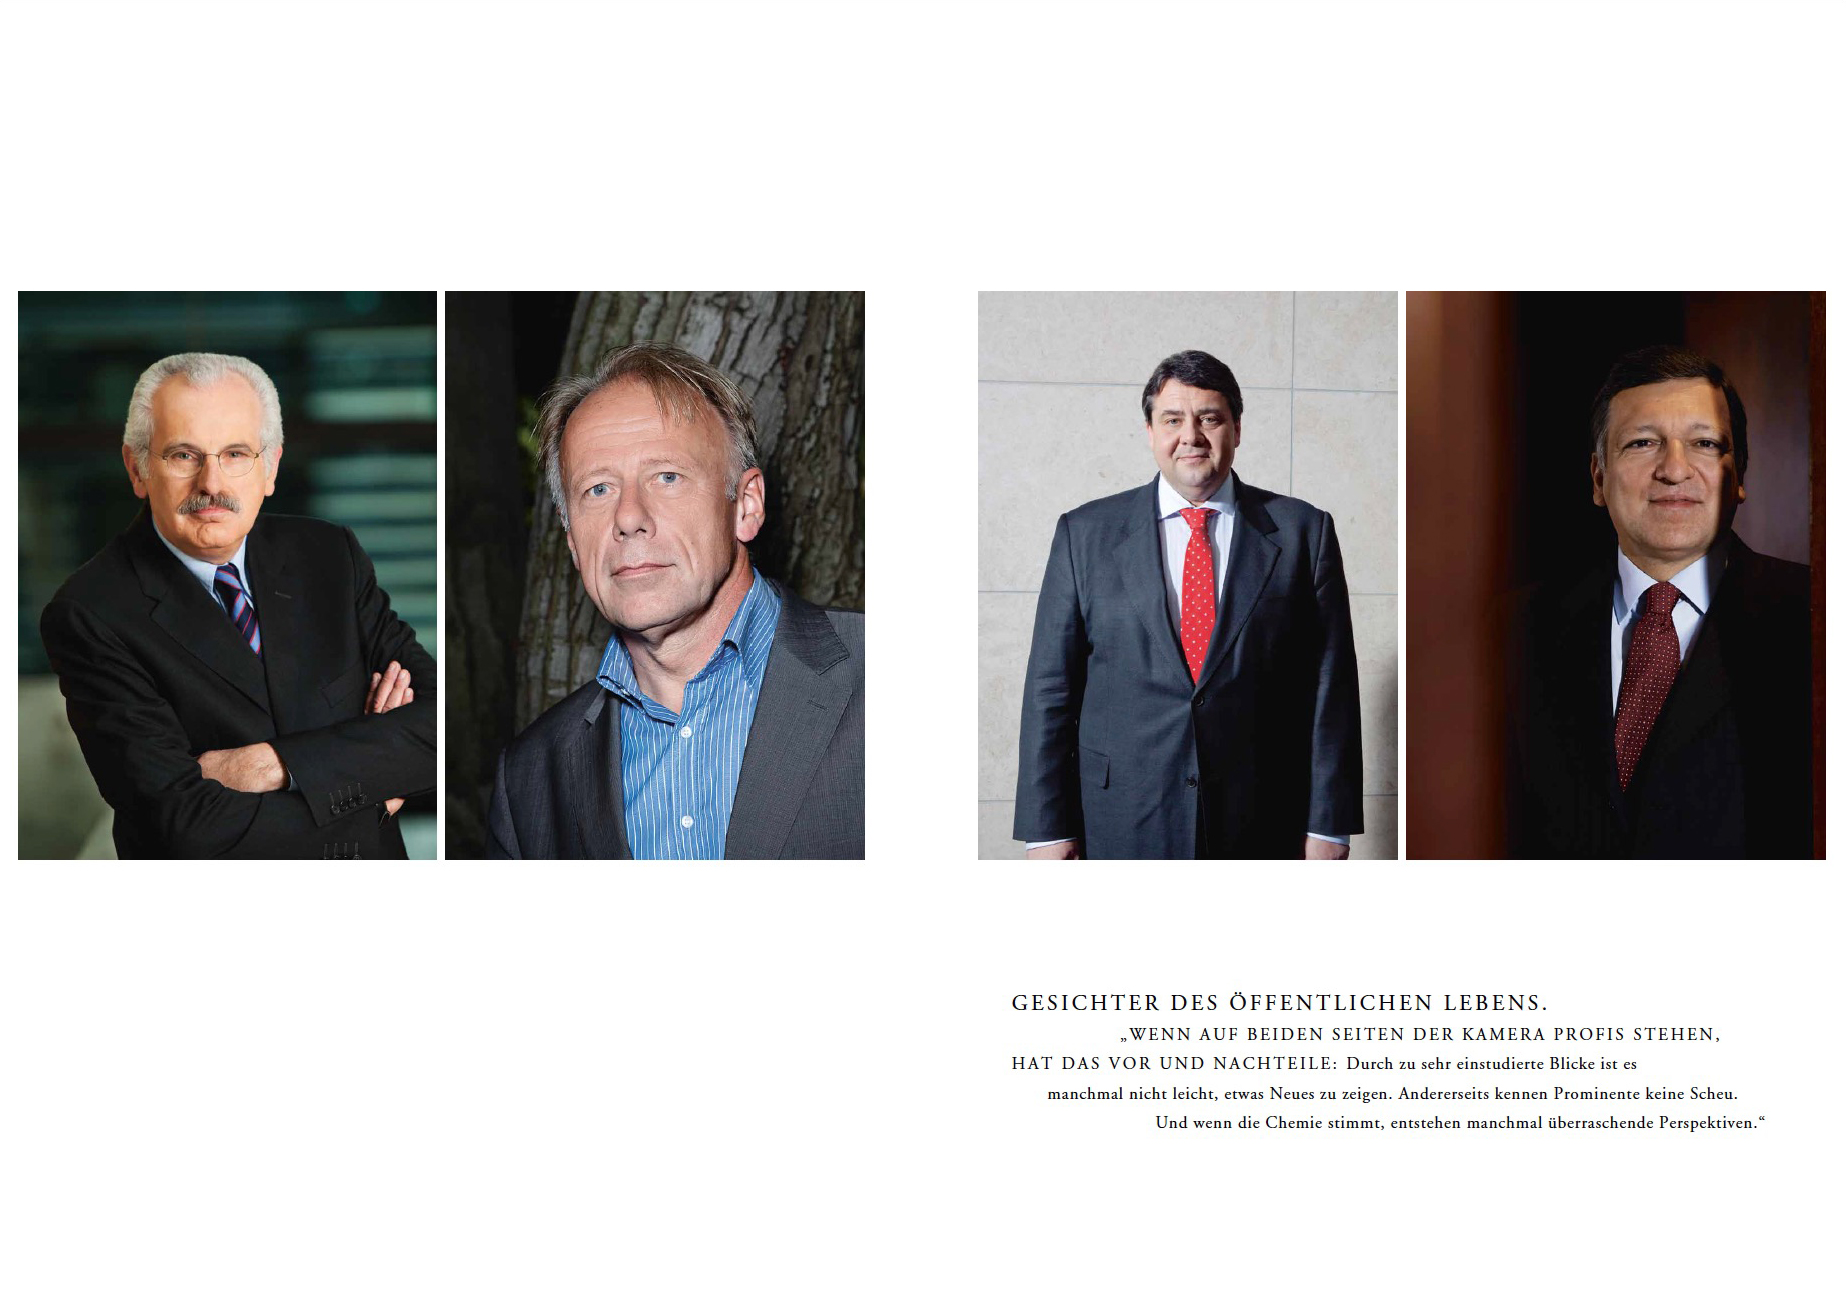 P036_KM_7_Berlin_Businessportrait_Businessfoto_Kierok_Berlin_Portrait_Portraitfotografie_Portraitshooting_Fotoshootings_Professionell_Geschäftsbericht_Unternehmensfotografie